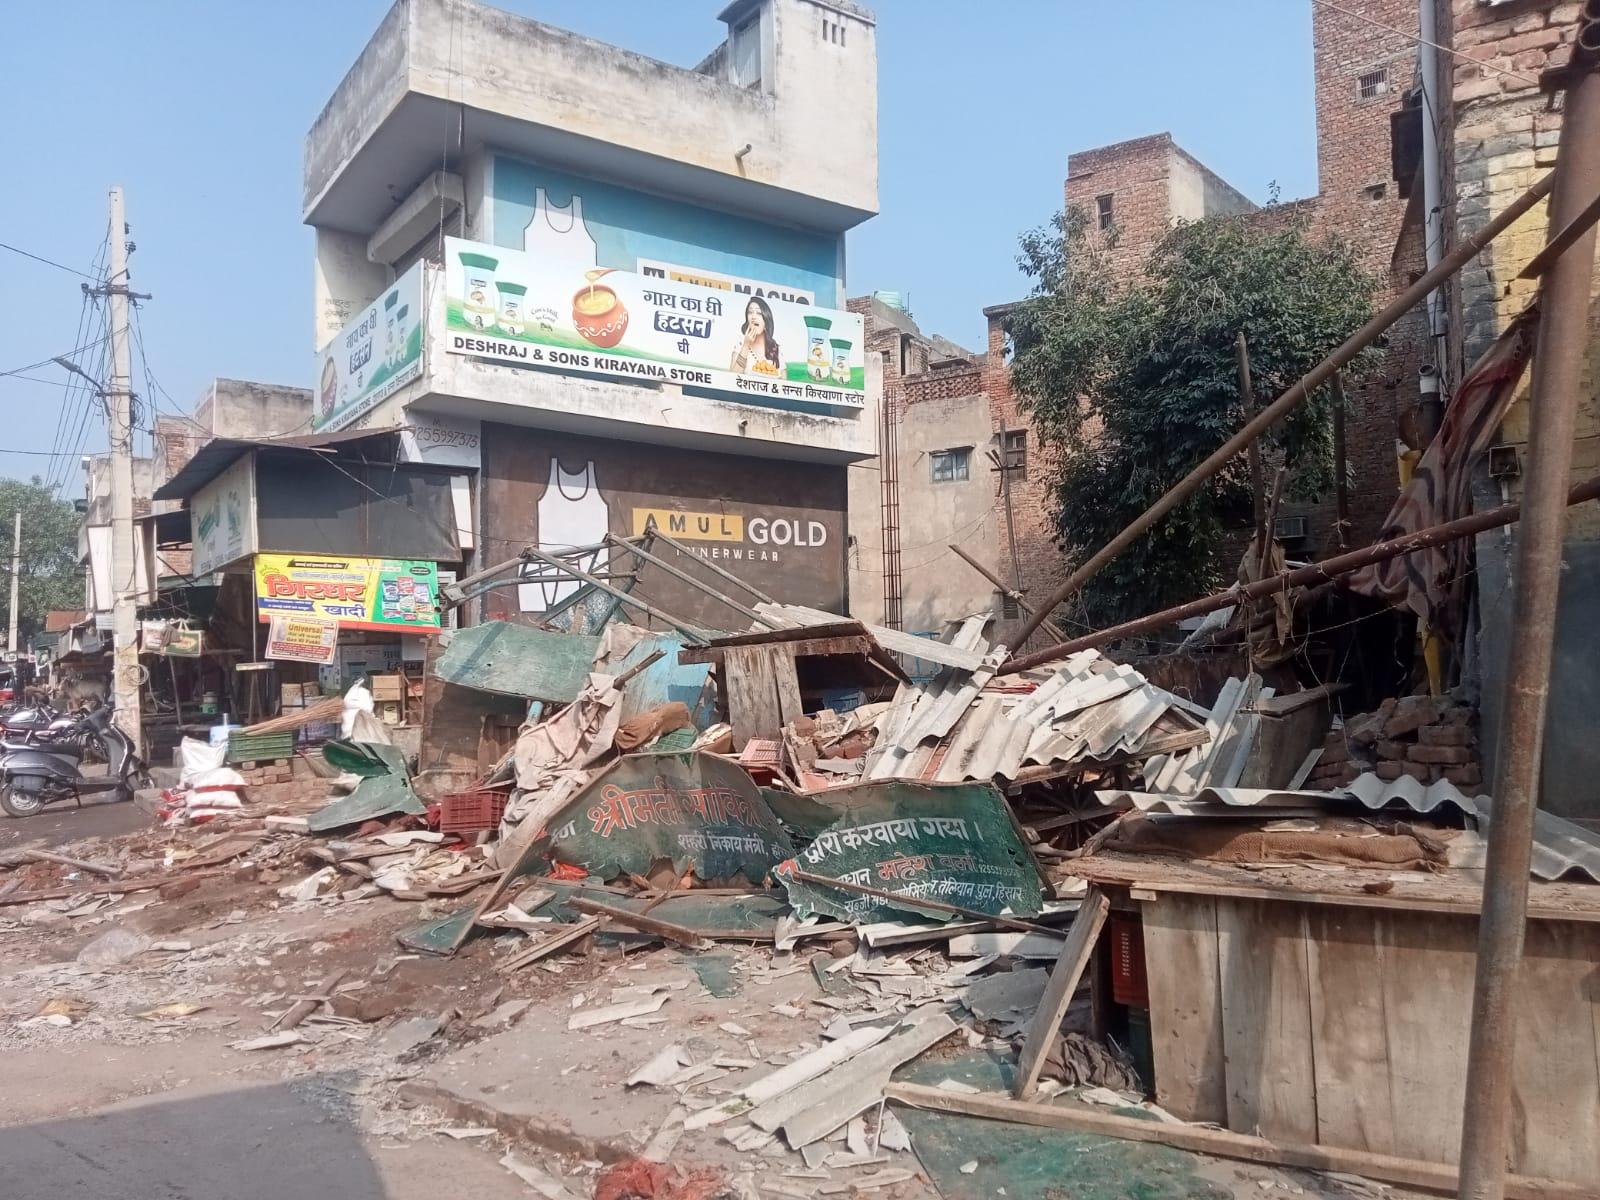 पुरानी सब्जी मंडी एरिया में 30 से ज्यादा चबूतरे-शेड तोड़े; CM विंडो पर शिकायत का हवाला देकर की कार्रवाई, विरोध में मार्केट बंद कर दुकानदार धरने पर|हिसार,Hisar - Dainik Bhaskar